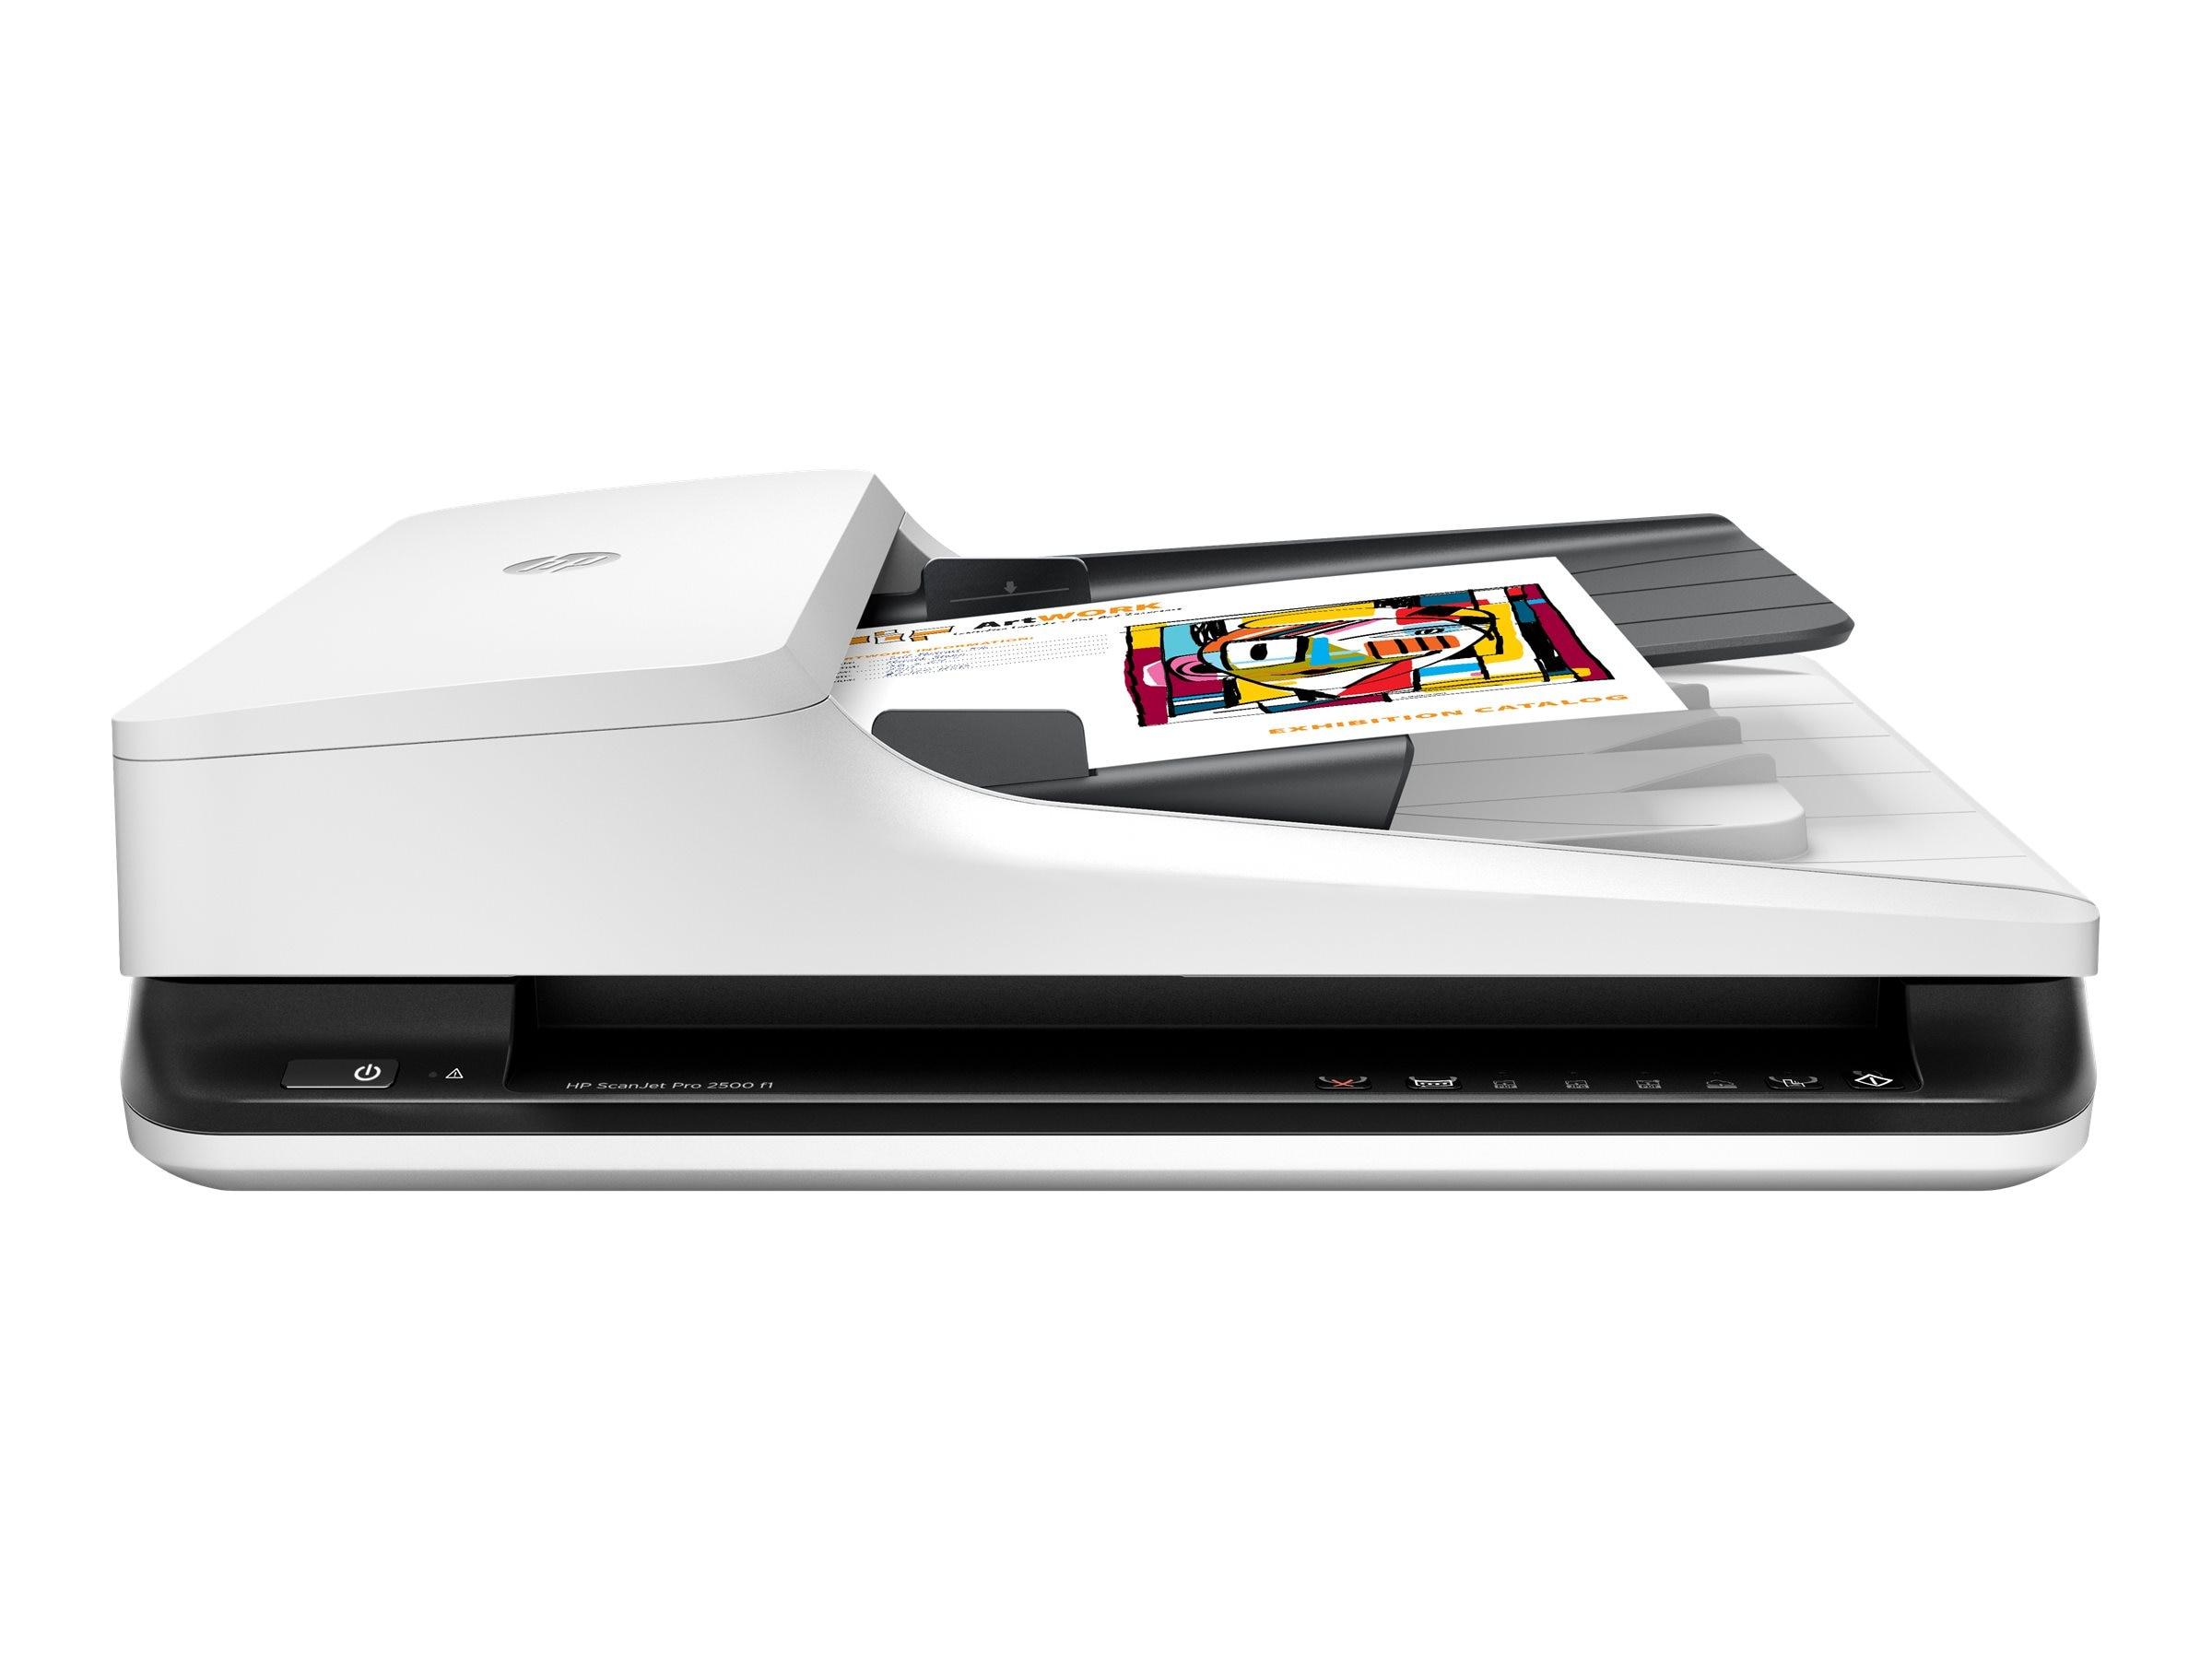 HP Scanjet Pro 2500 F1 Flatbed Scanner ($299 00 - $25 00